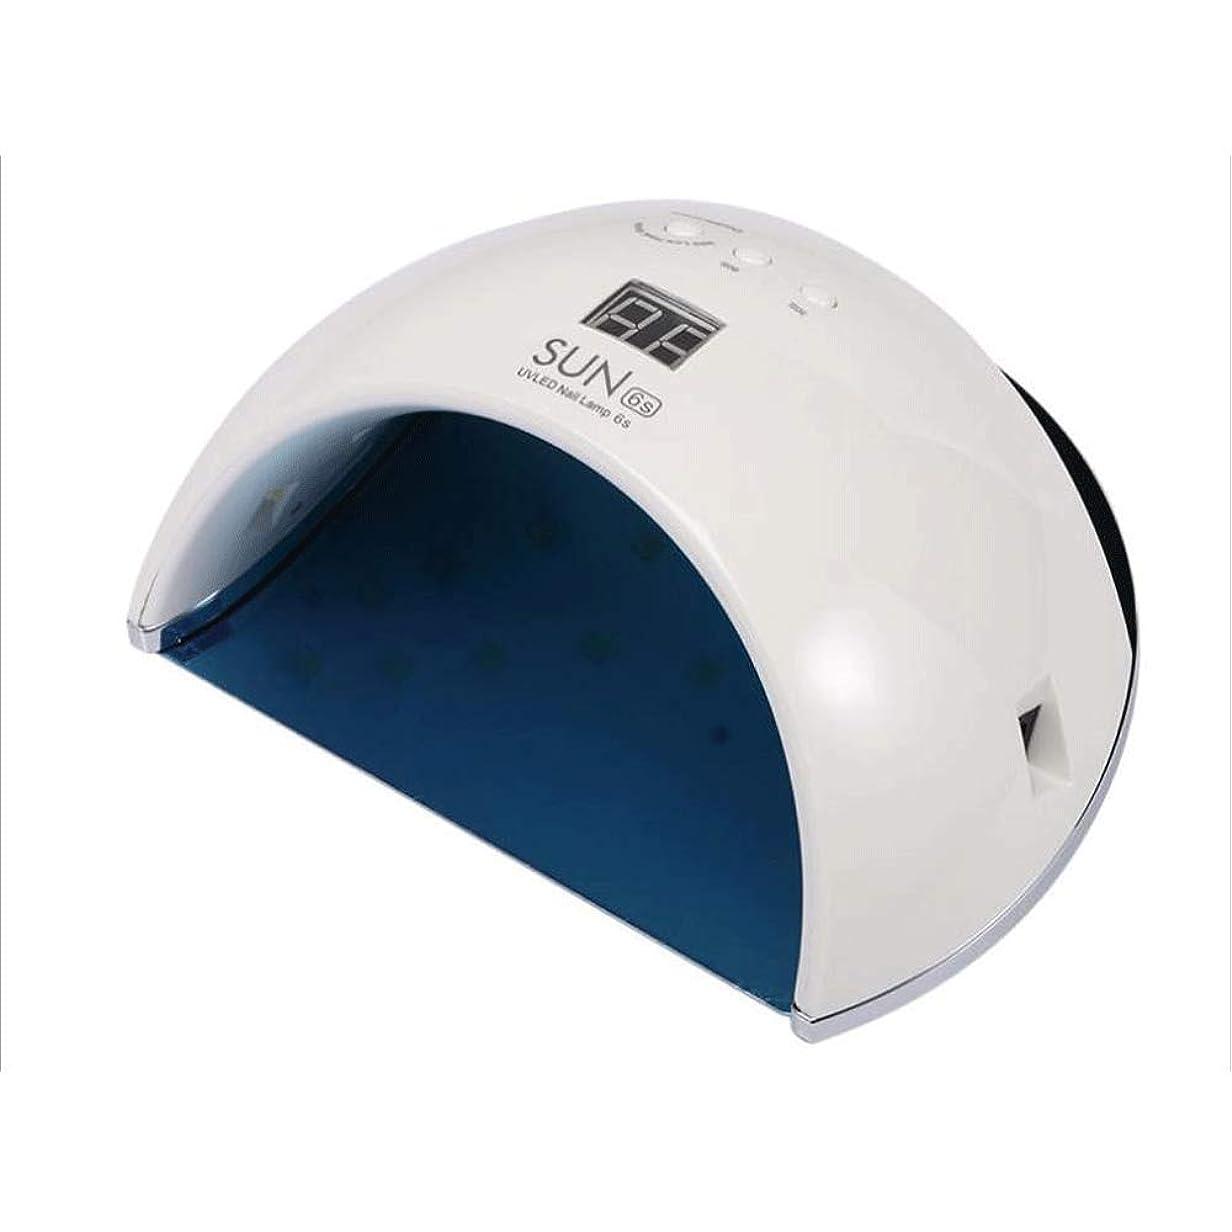 ステートメント交通全国ネイル光線療法機 ネイルドライヤー - LEDネイルライトUVゲルネイルドライヤー自動センサー硬化ライトジェル研磨用 (色 : 白)